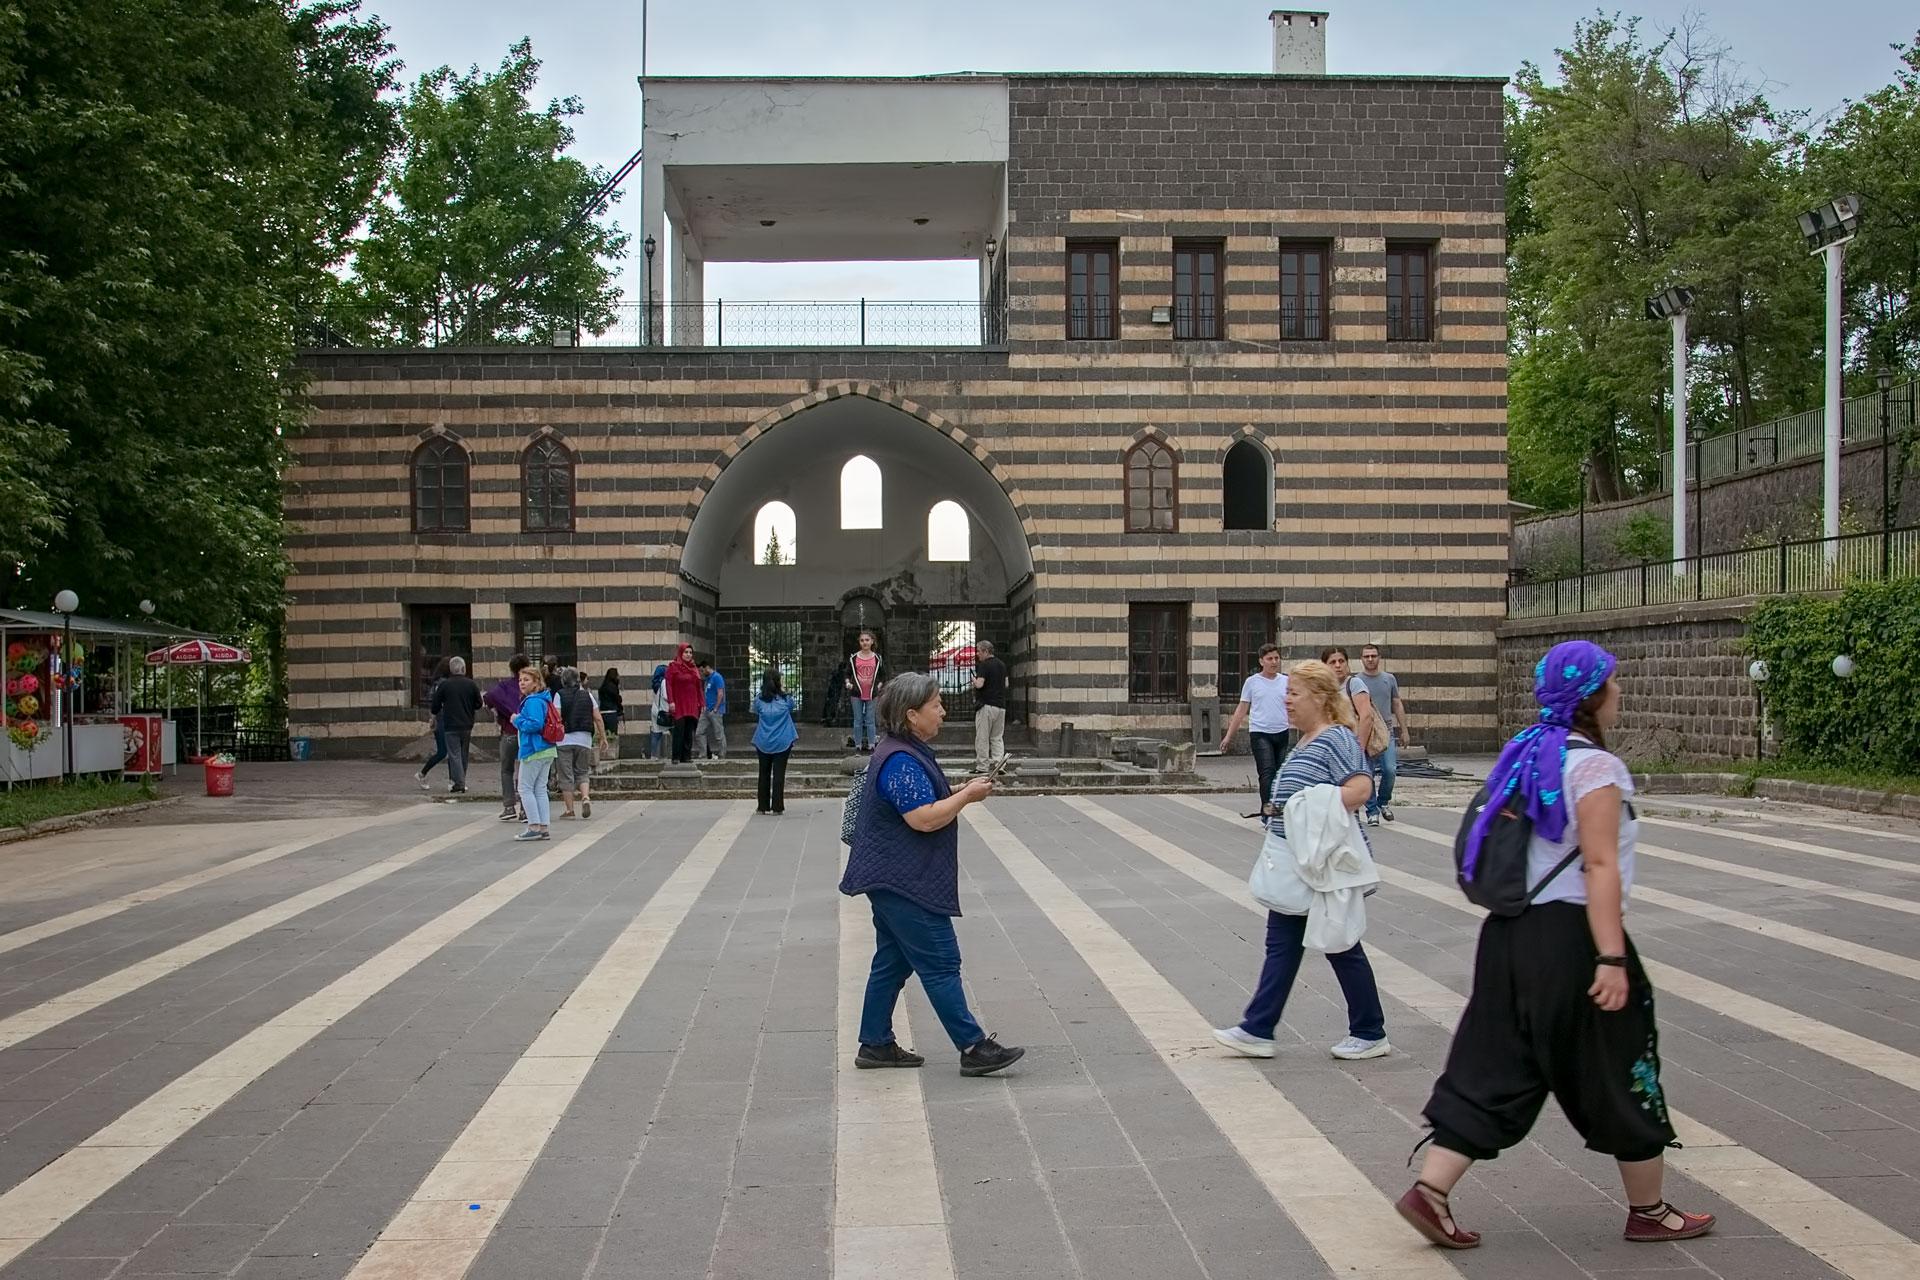 Diyarbakır Fotoğrafları Türkiye Gezgin Fotoğrafçı Çekergezer Hakan Aydın Fotoğrafları www.cekergezer.com www.cekergezer.com